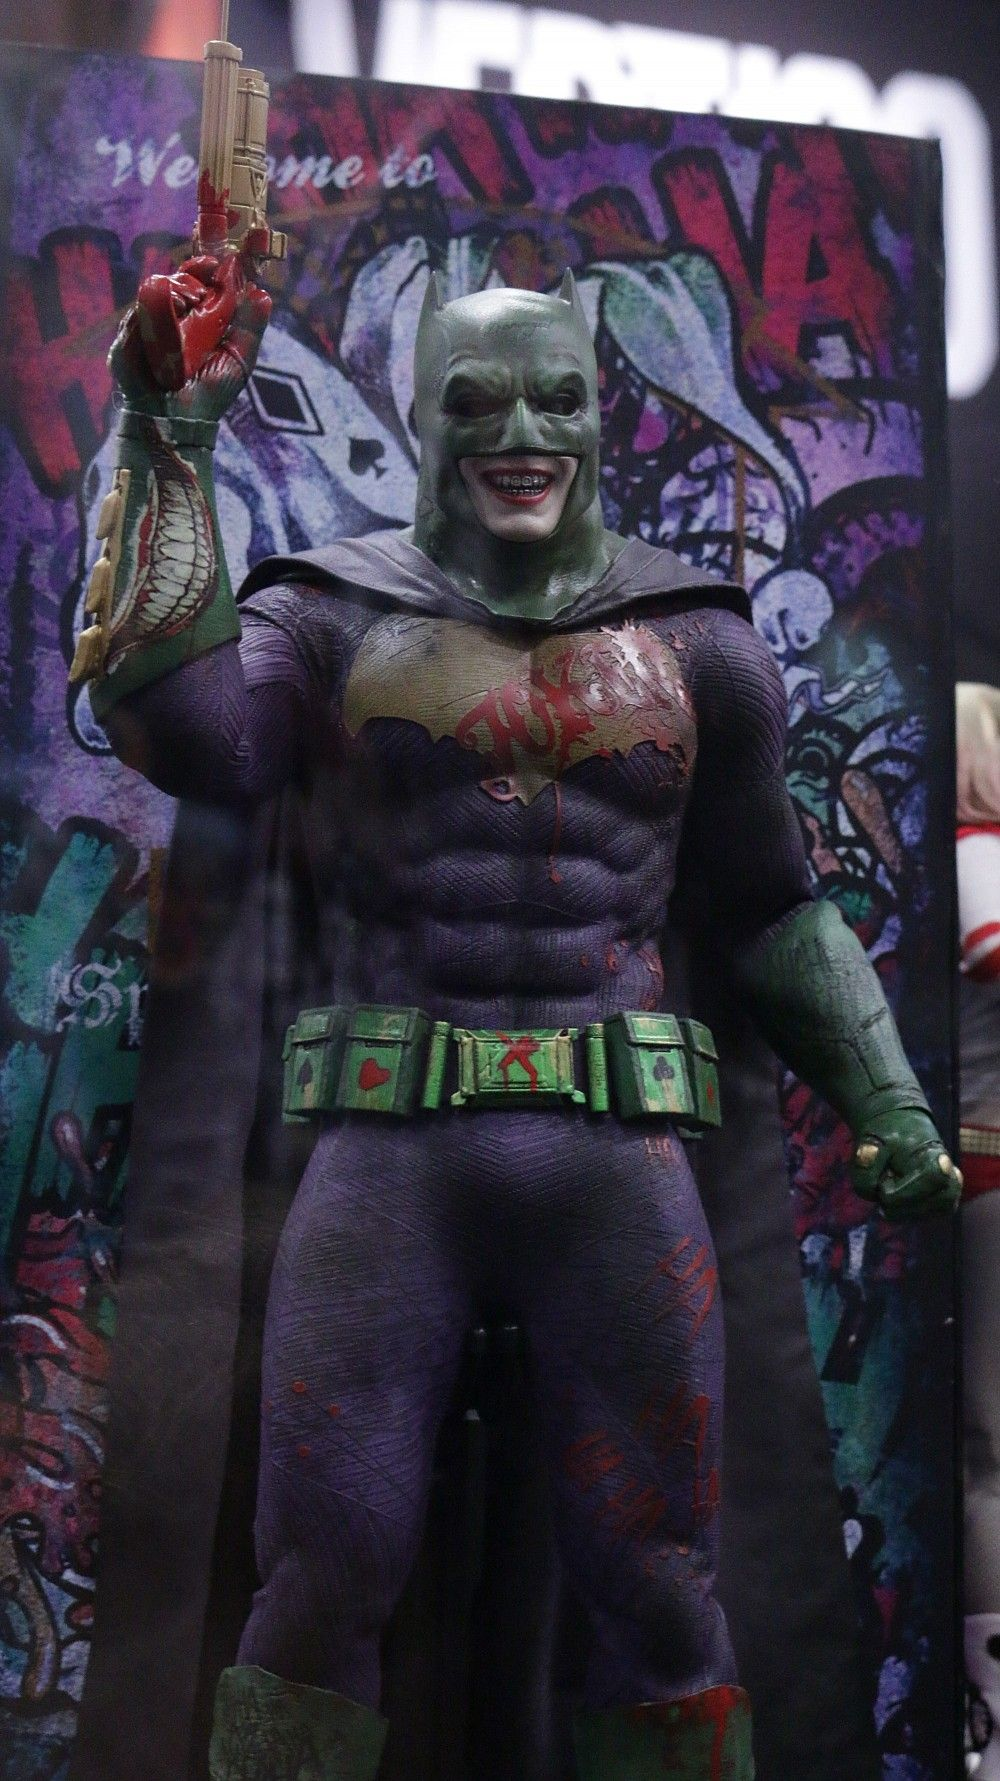 Joker Batman Suit Action Figure Squad1 Incredible Alternate Batman and Deadpool Designs Revealed At SDCC & Joker Batman Suit Action Figure Squad1 Incredible Alternate Batman ...